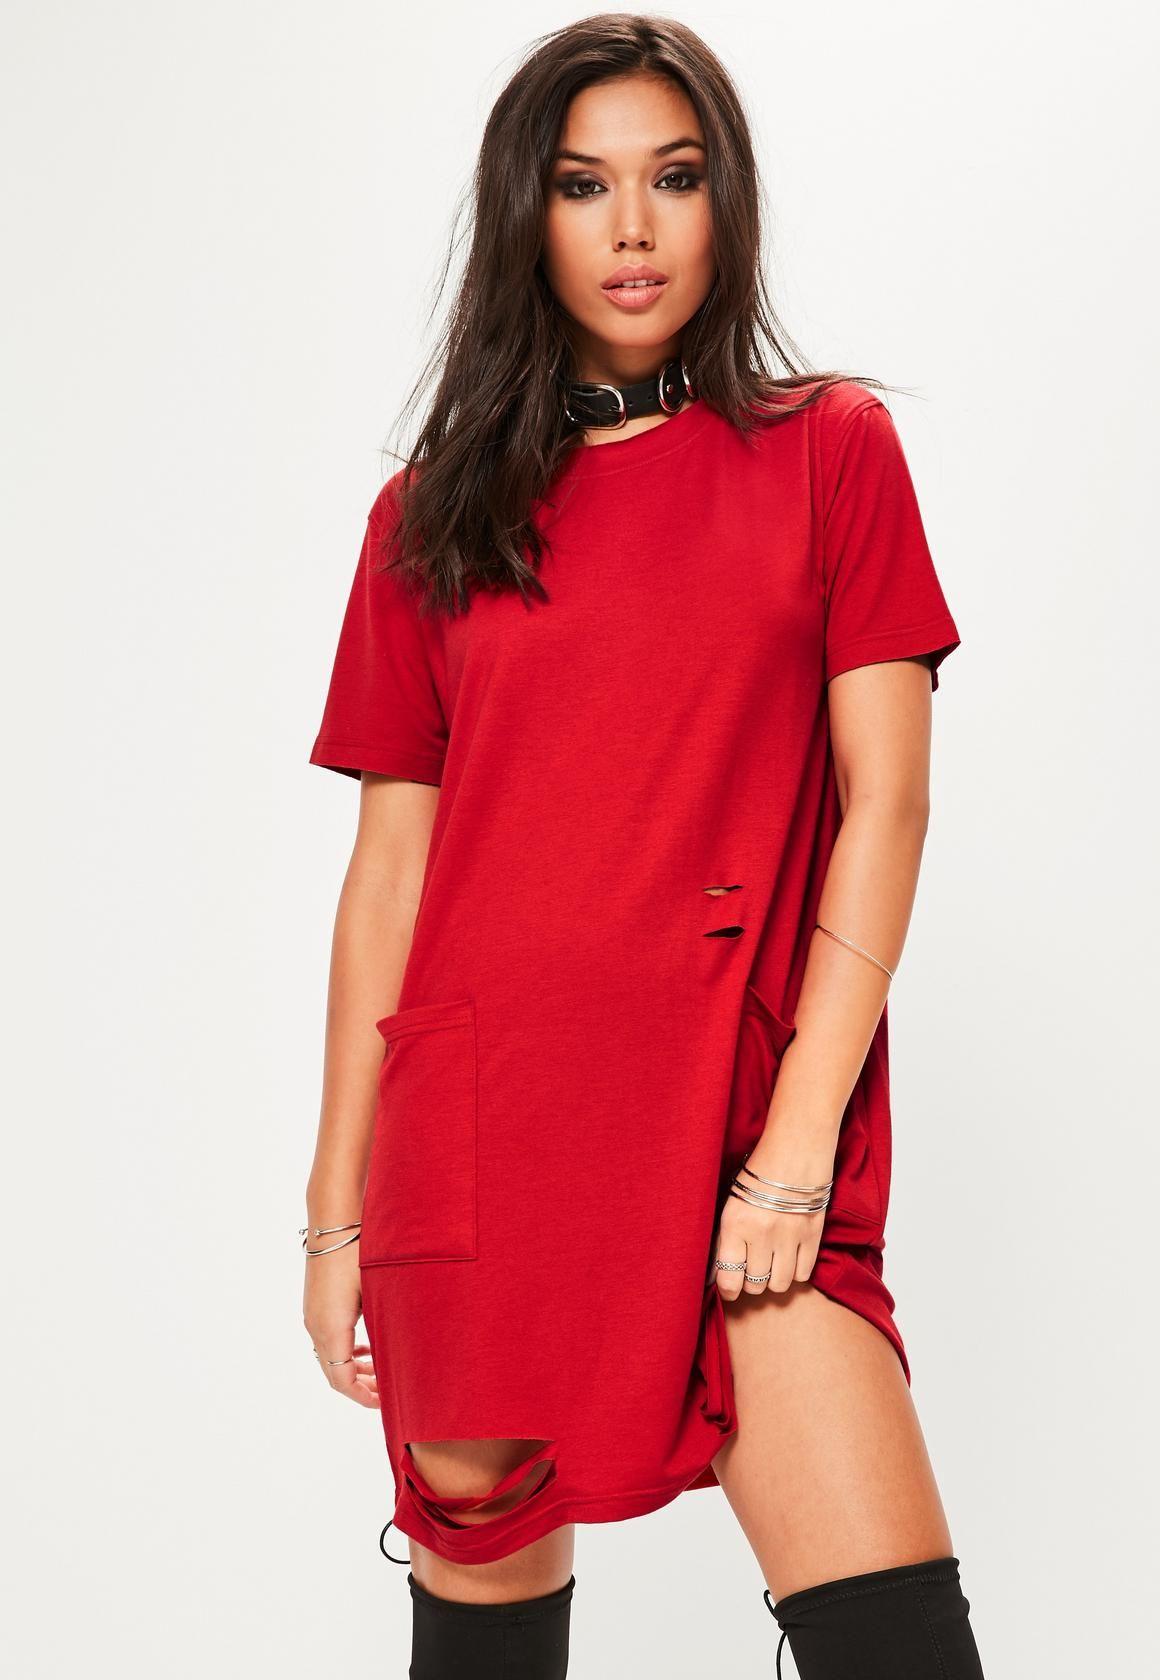 91cb567da61f Missguided - Red Distressed Pocket T-Shirt Dress